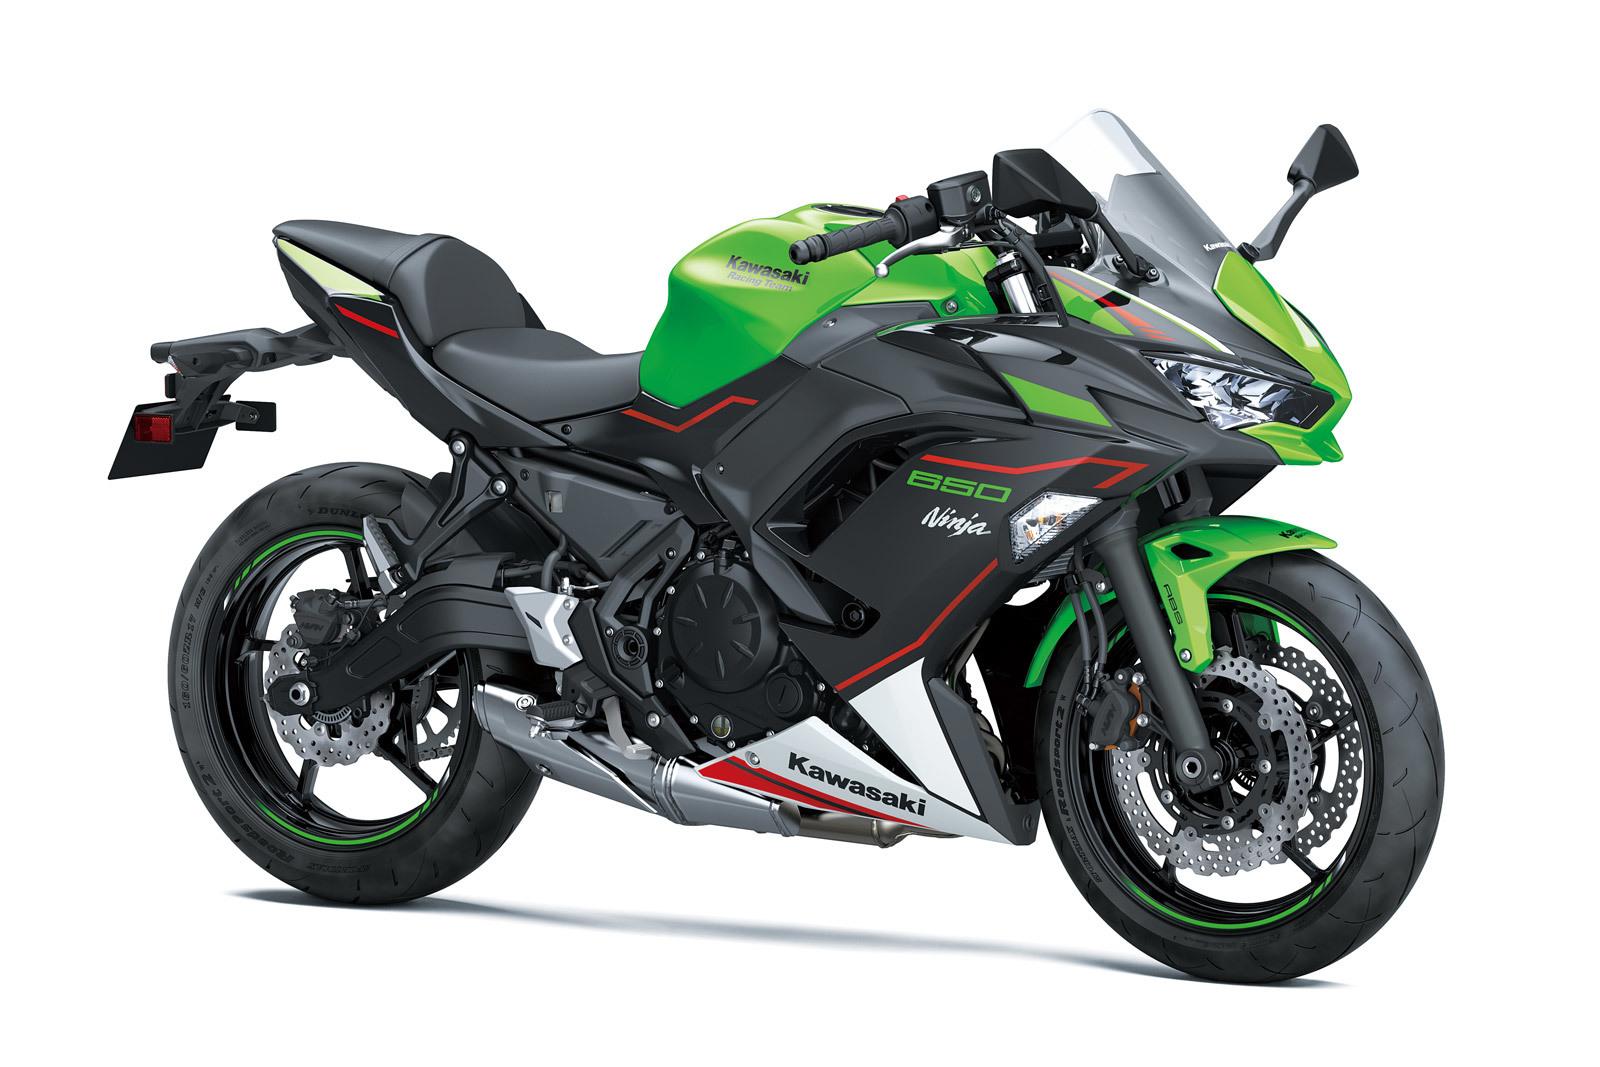 01 Kawasaki Ninja 650 2021 Estudio Verde